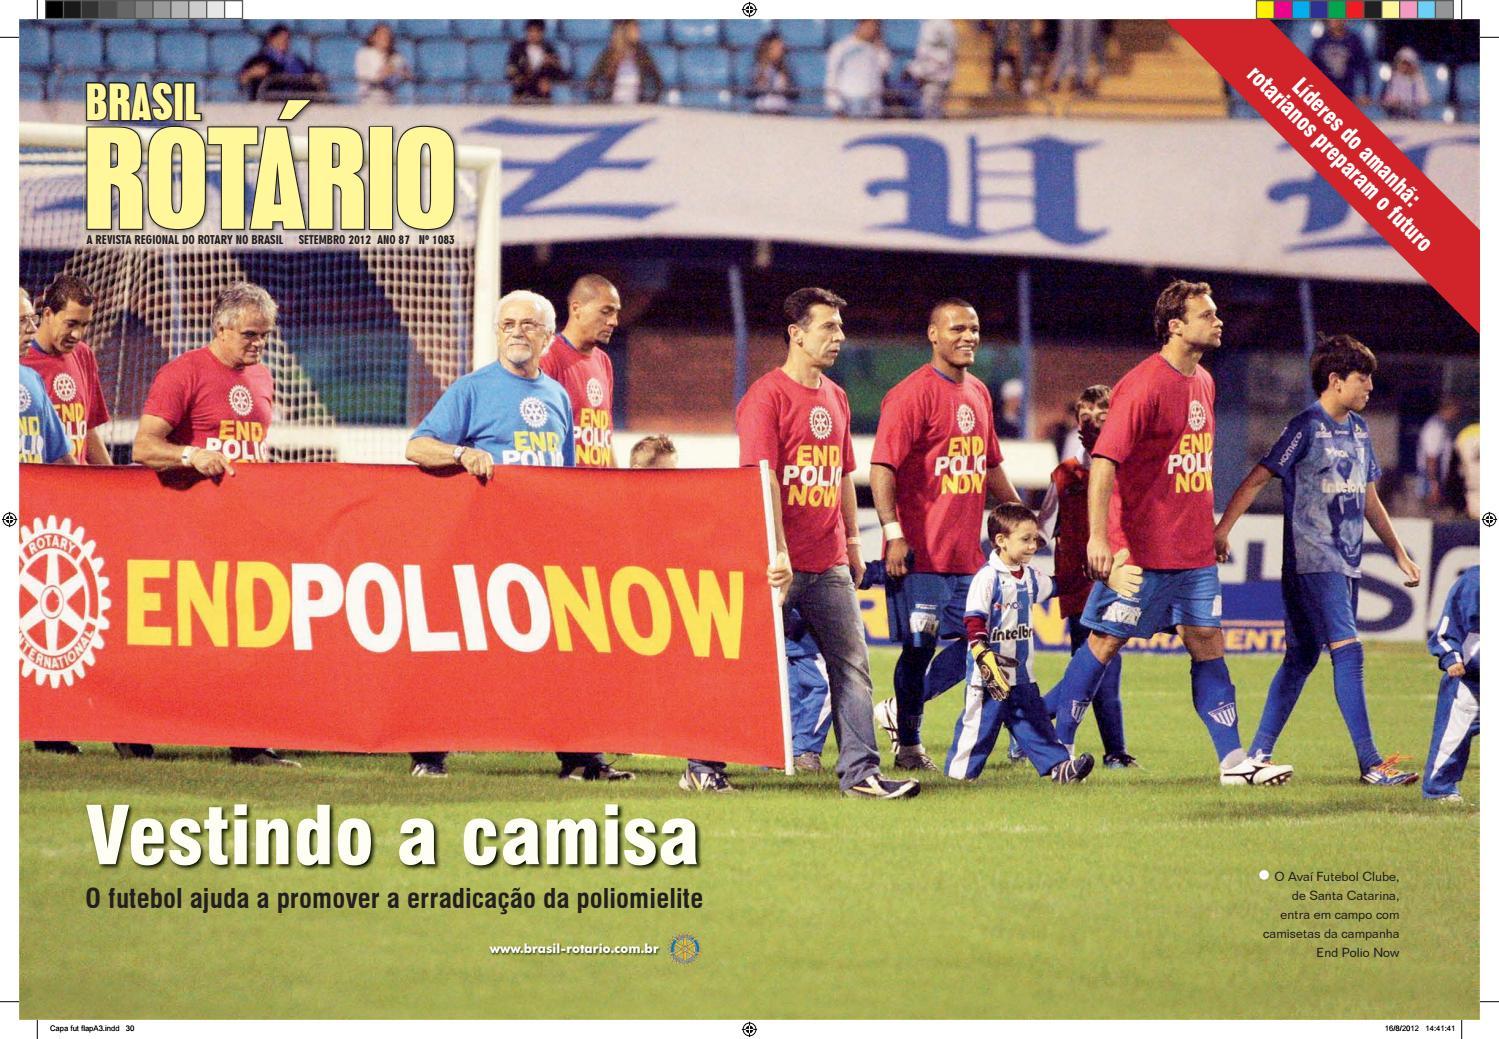 1083 - Brasil Rotário - Setembro de 2012 by Revista Rotary Brasil - issuu 9a3f2a40b2